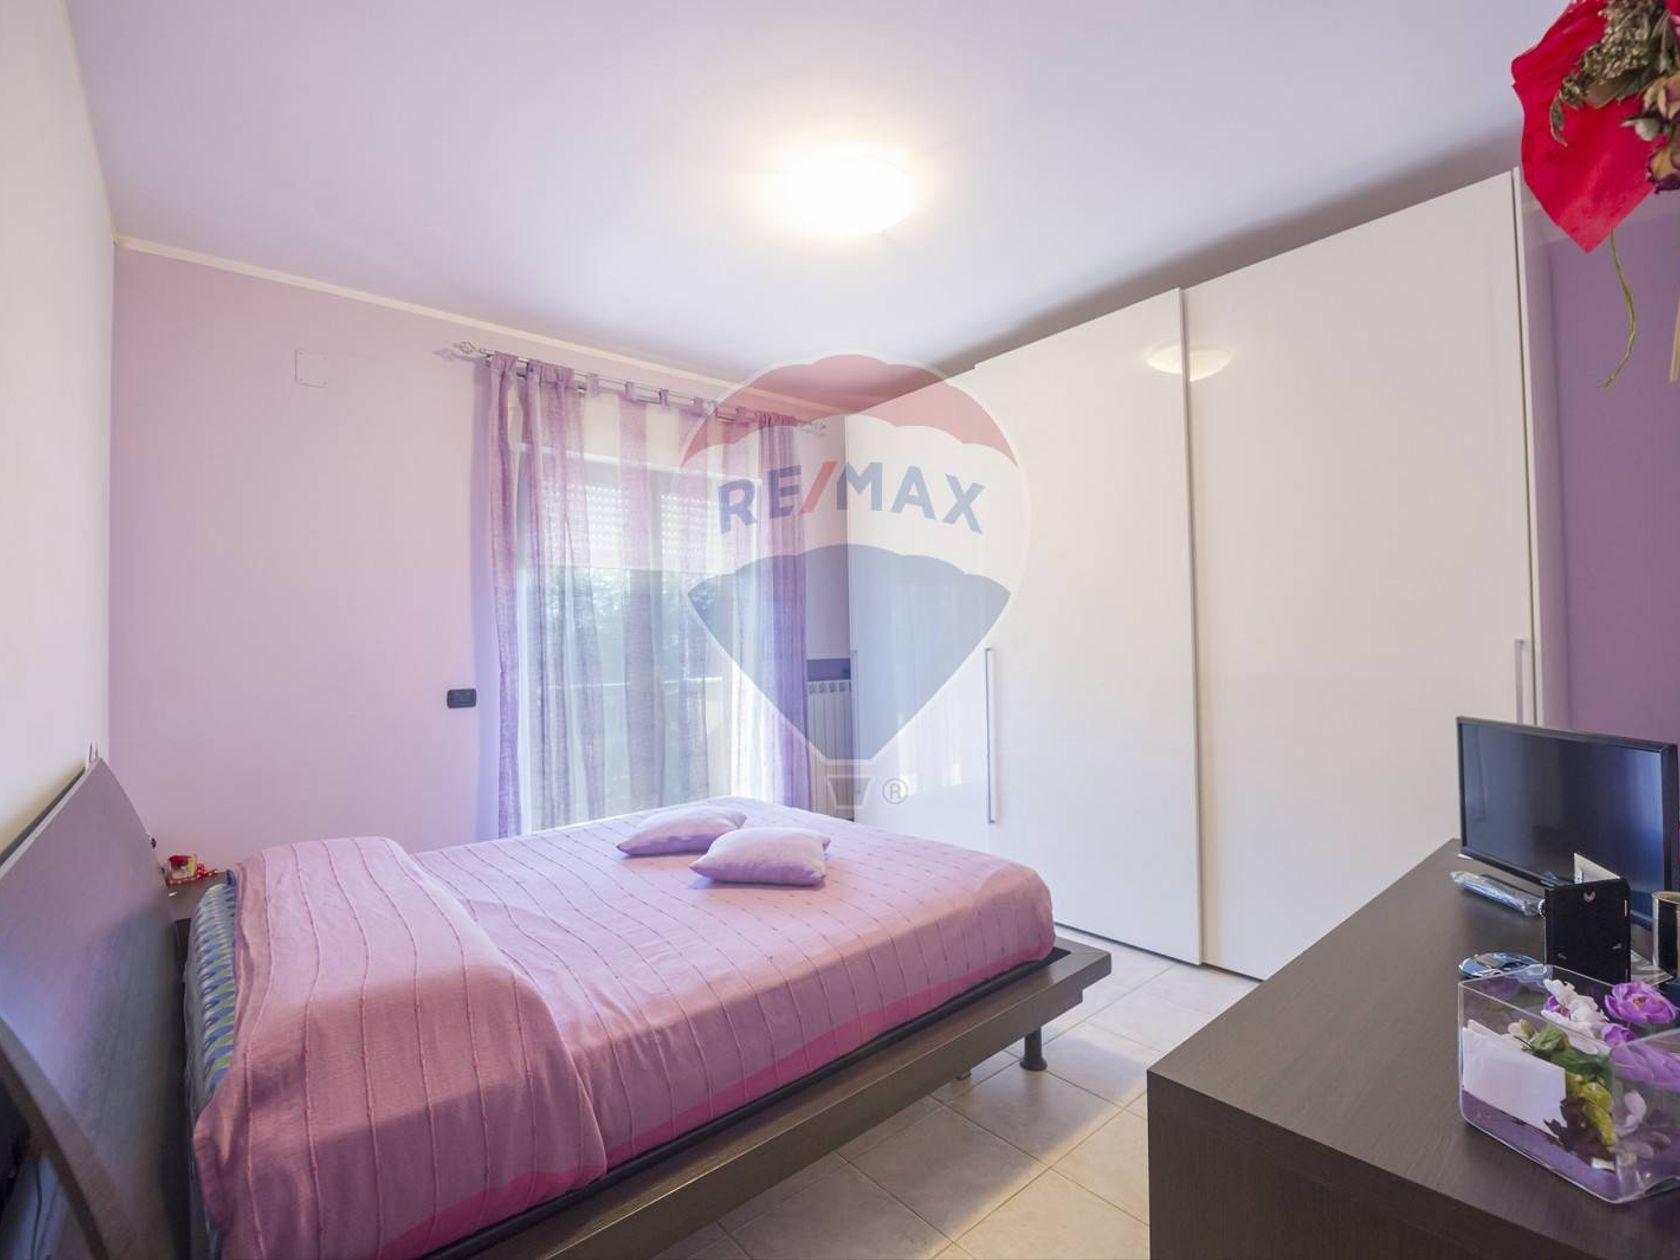 Appartamento Madonna delle Piane, Chieti, CH Vendita - Foto 16